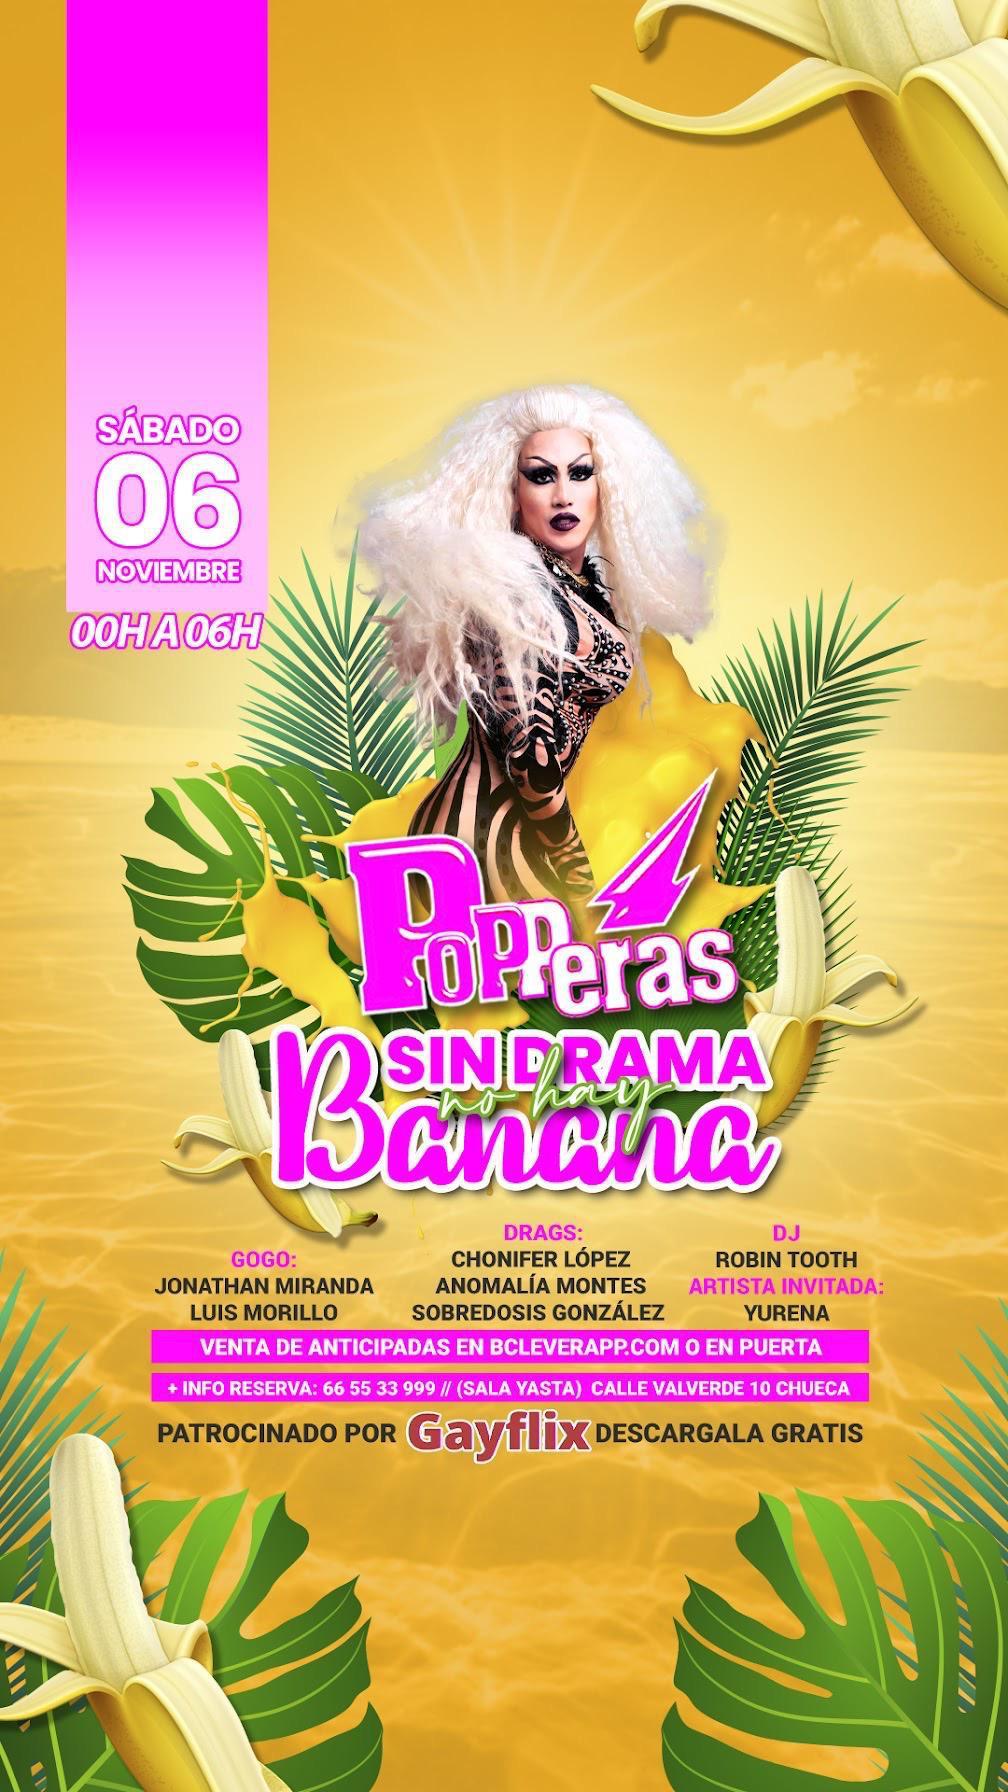 Popperas - Sin drama no hay Banana - con Yurena